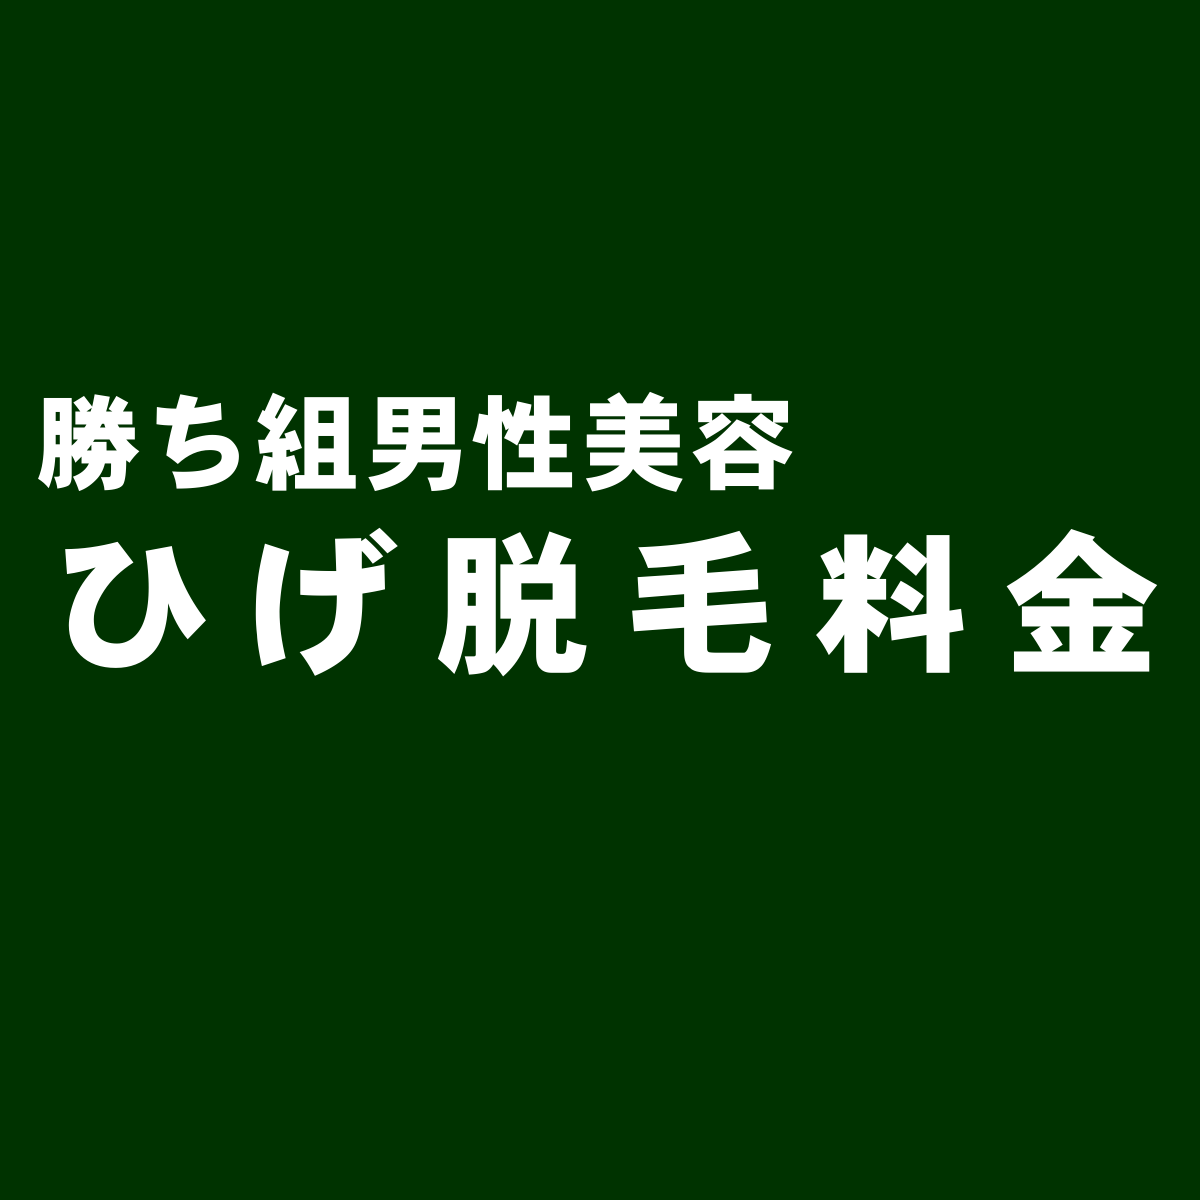 ひげ脱毛料金